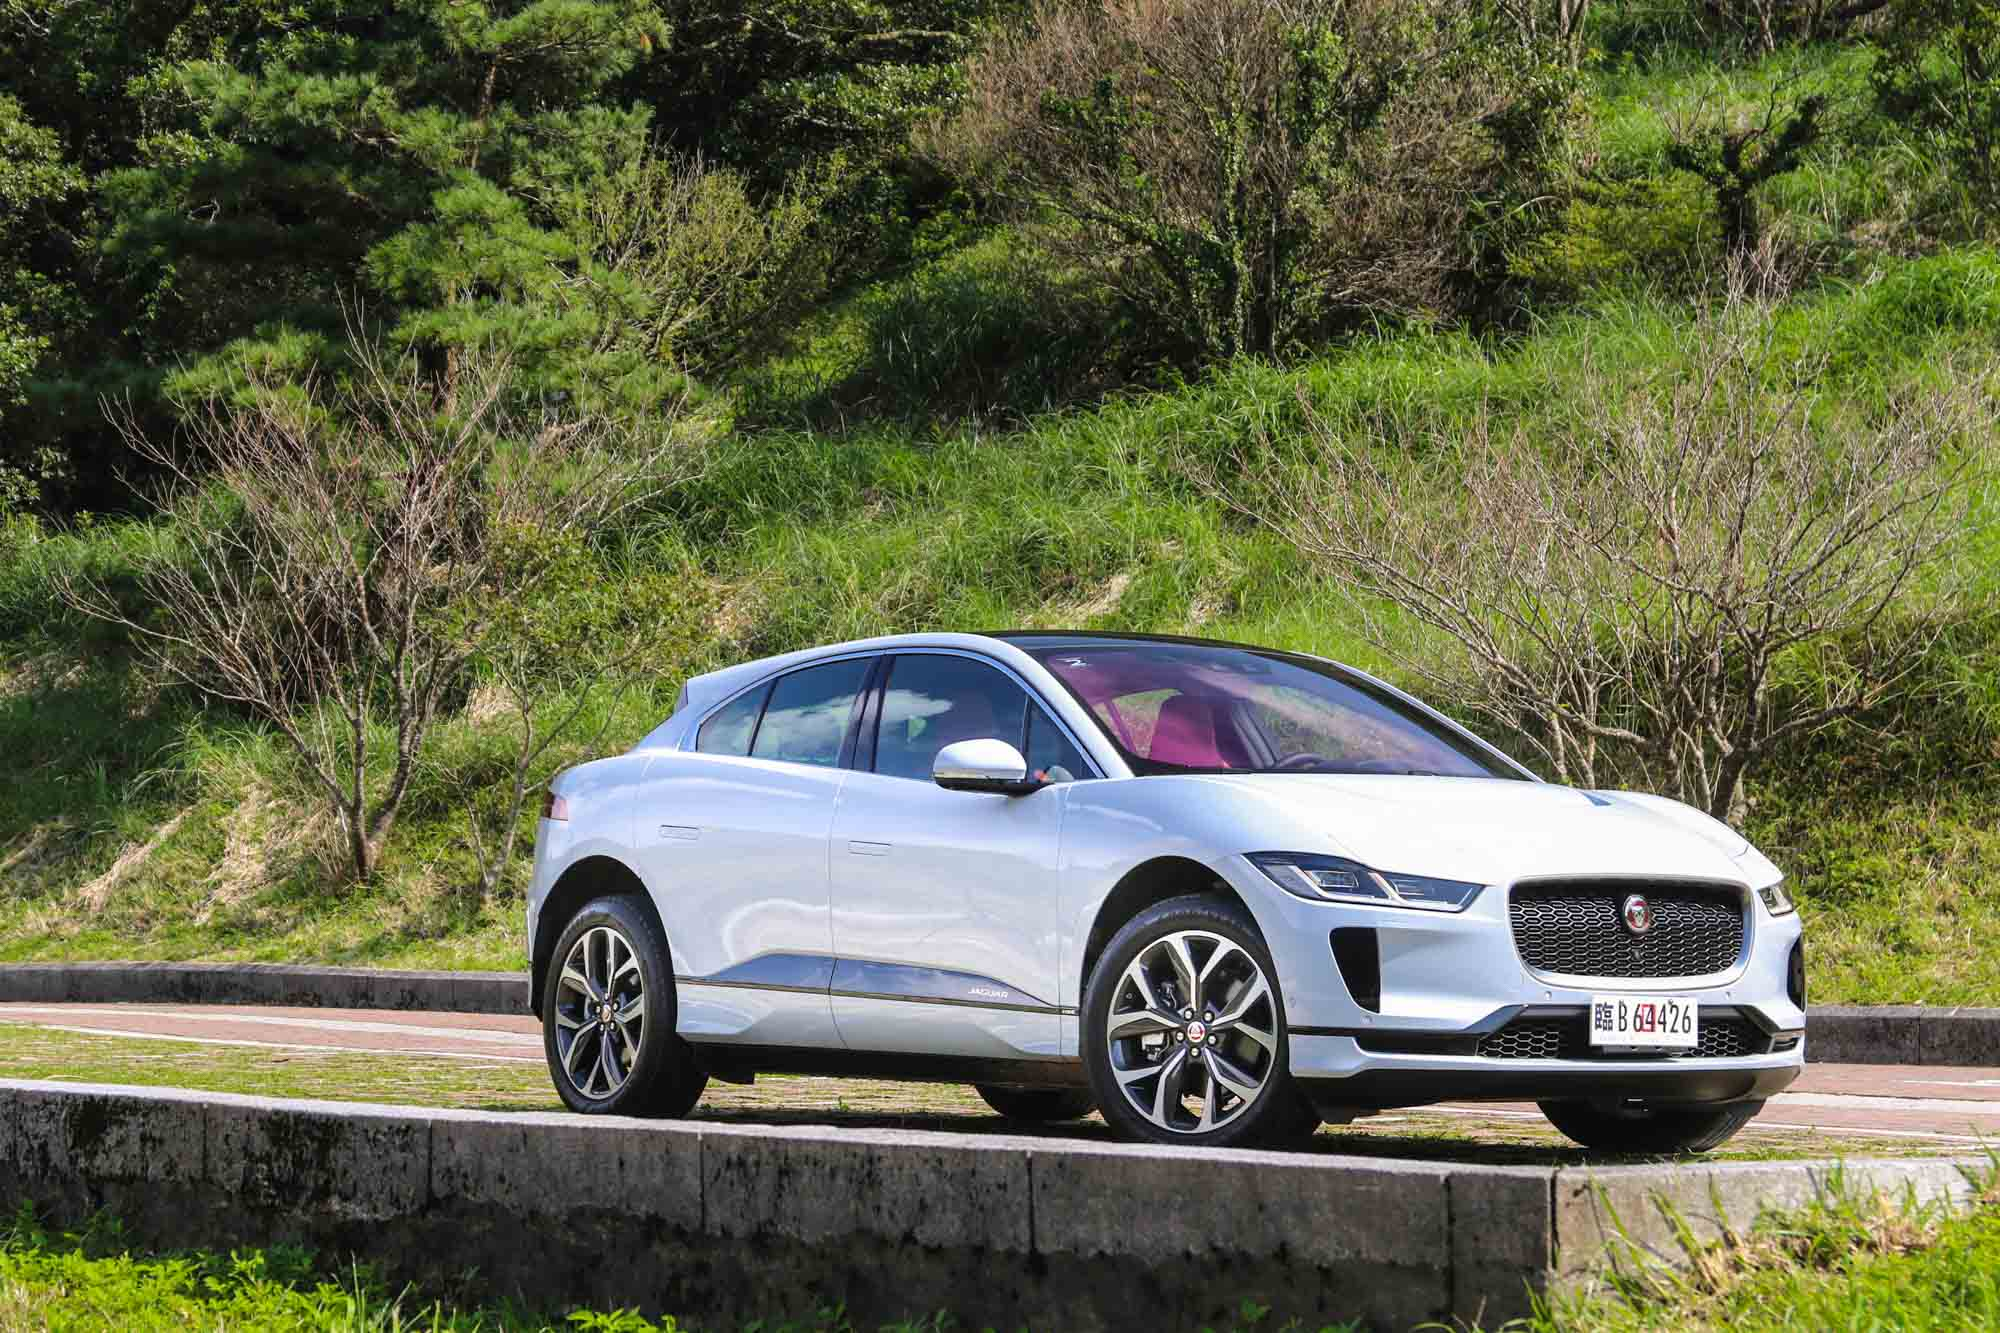 售價 333 萬起的 Jaguar I-Pace,會是你人生第一輛電動車的選擇嗎?